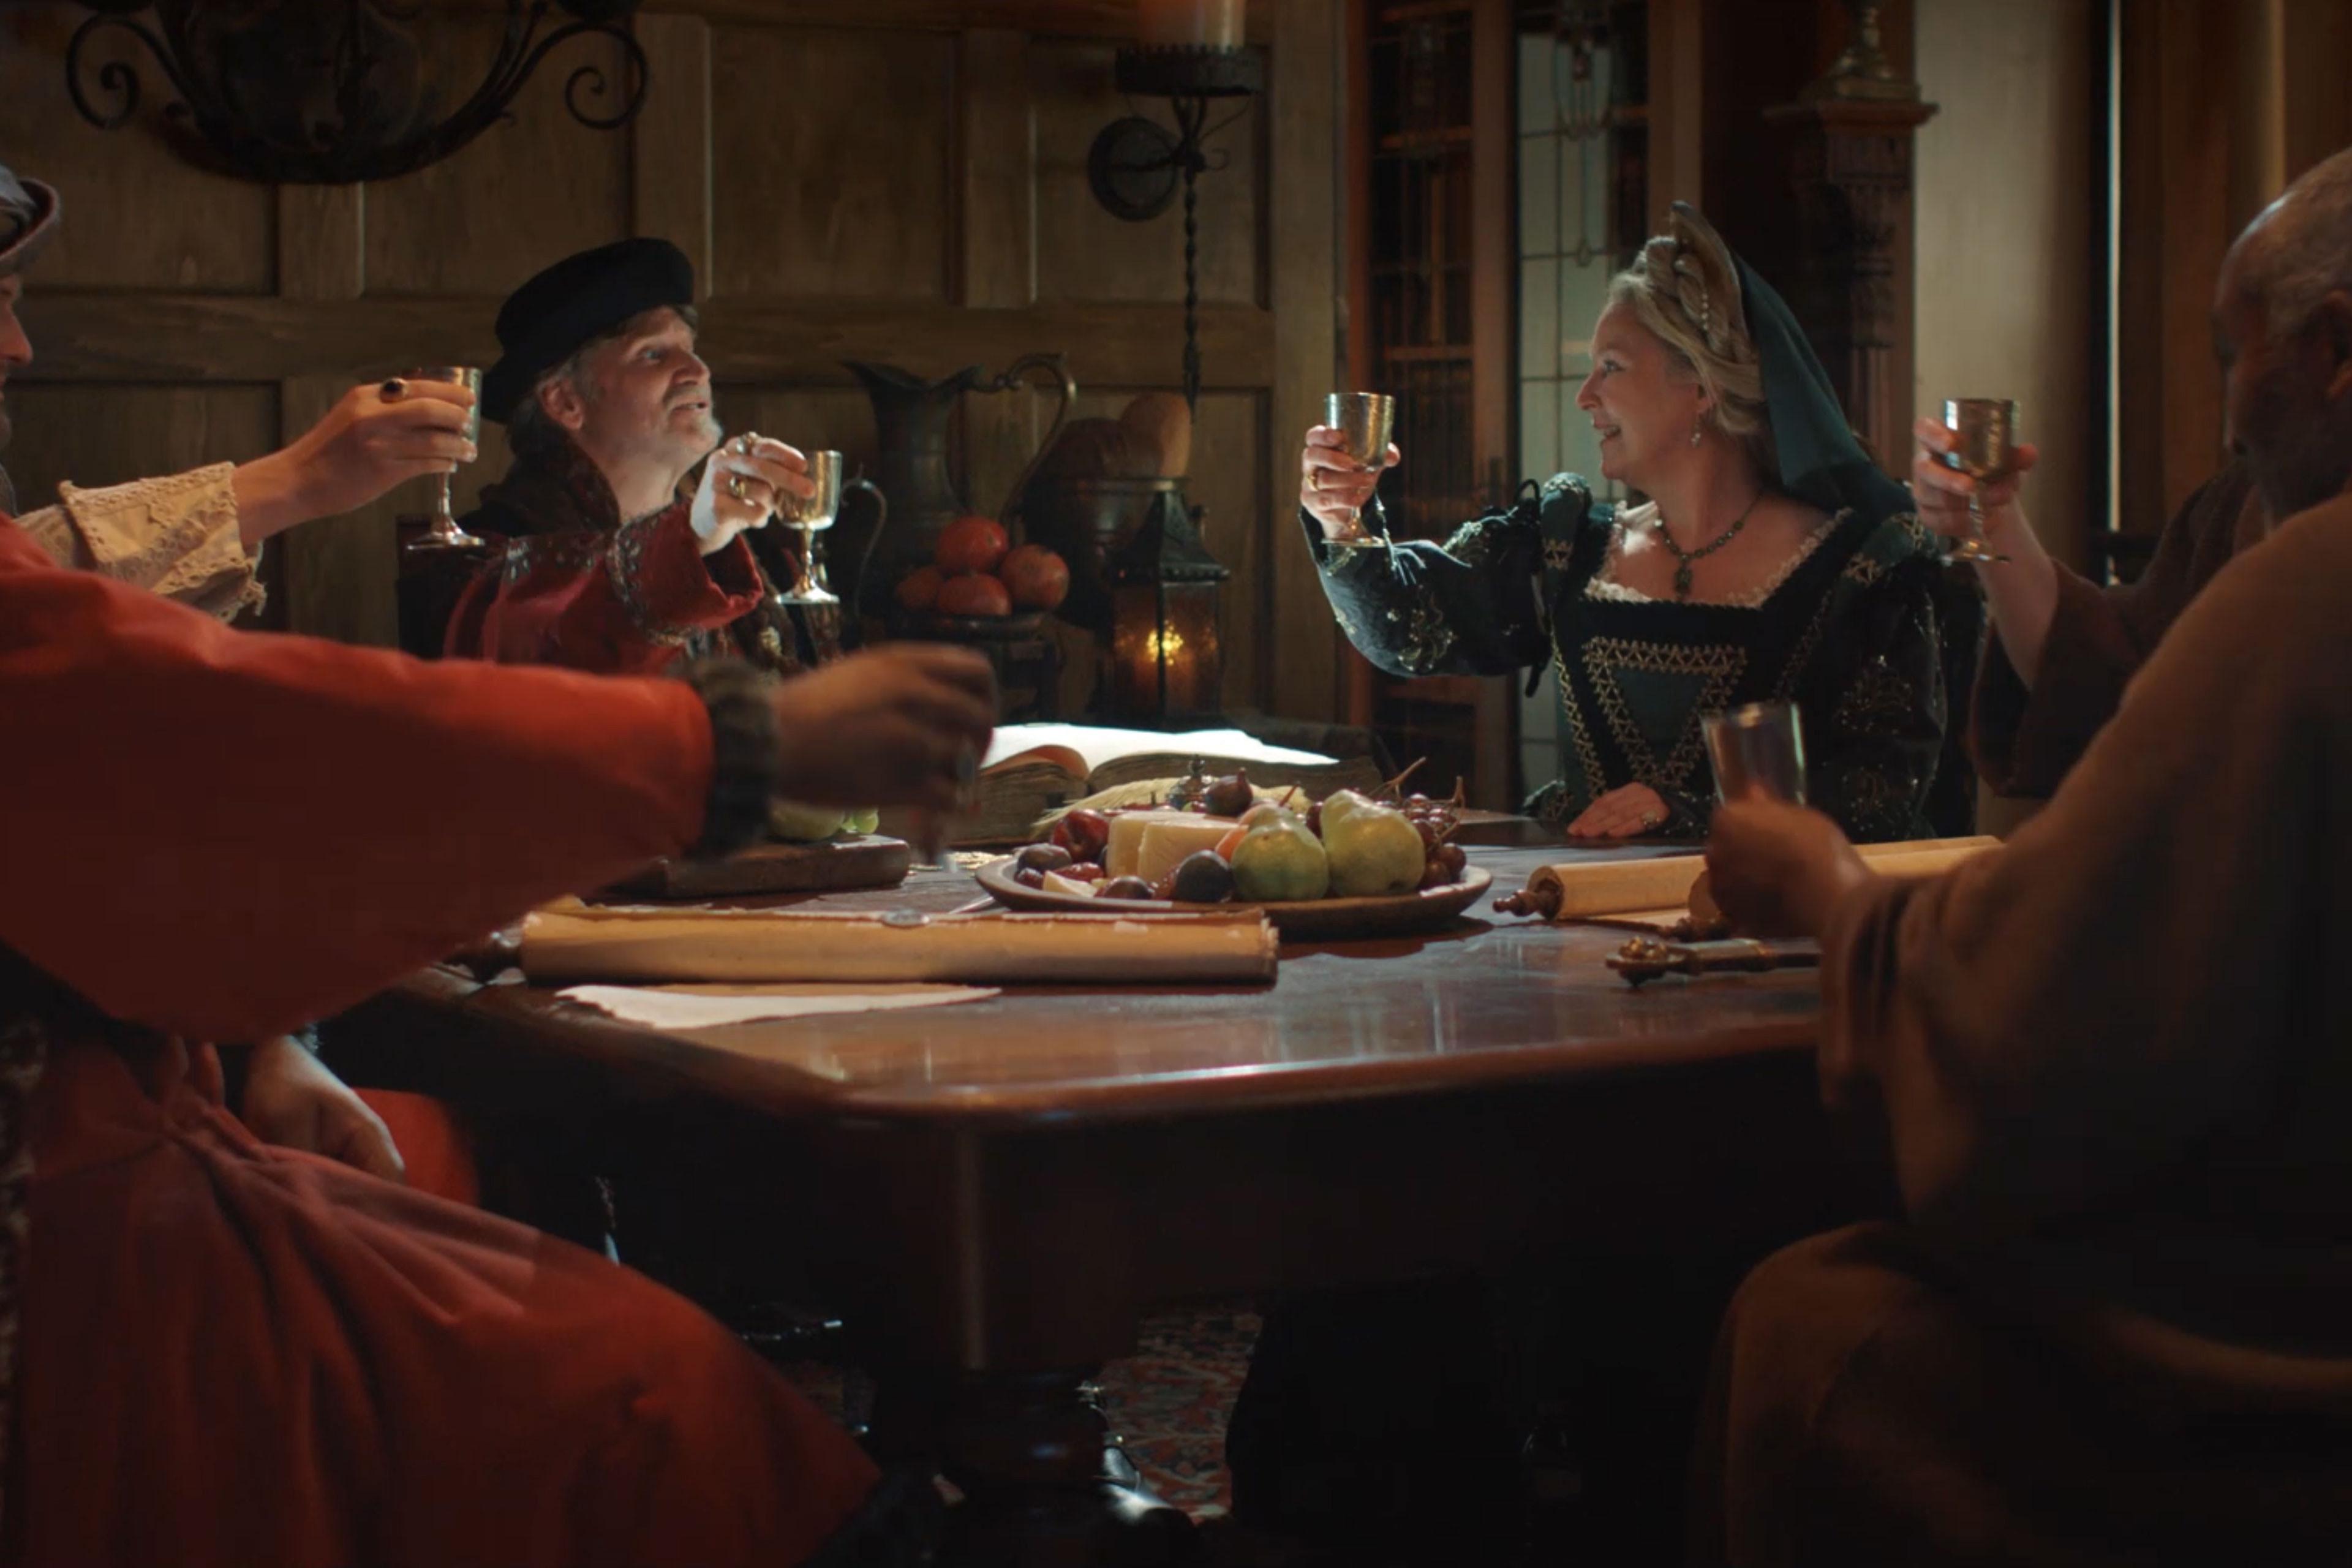 Renaissance era people toasting glasses